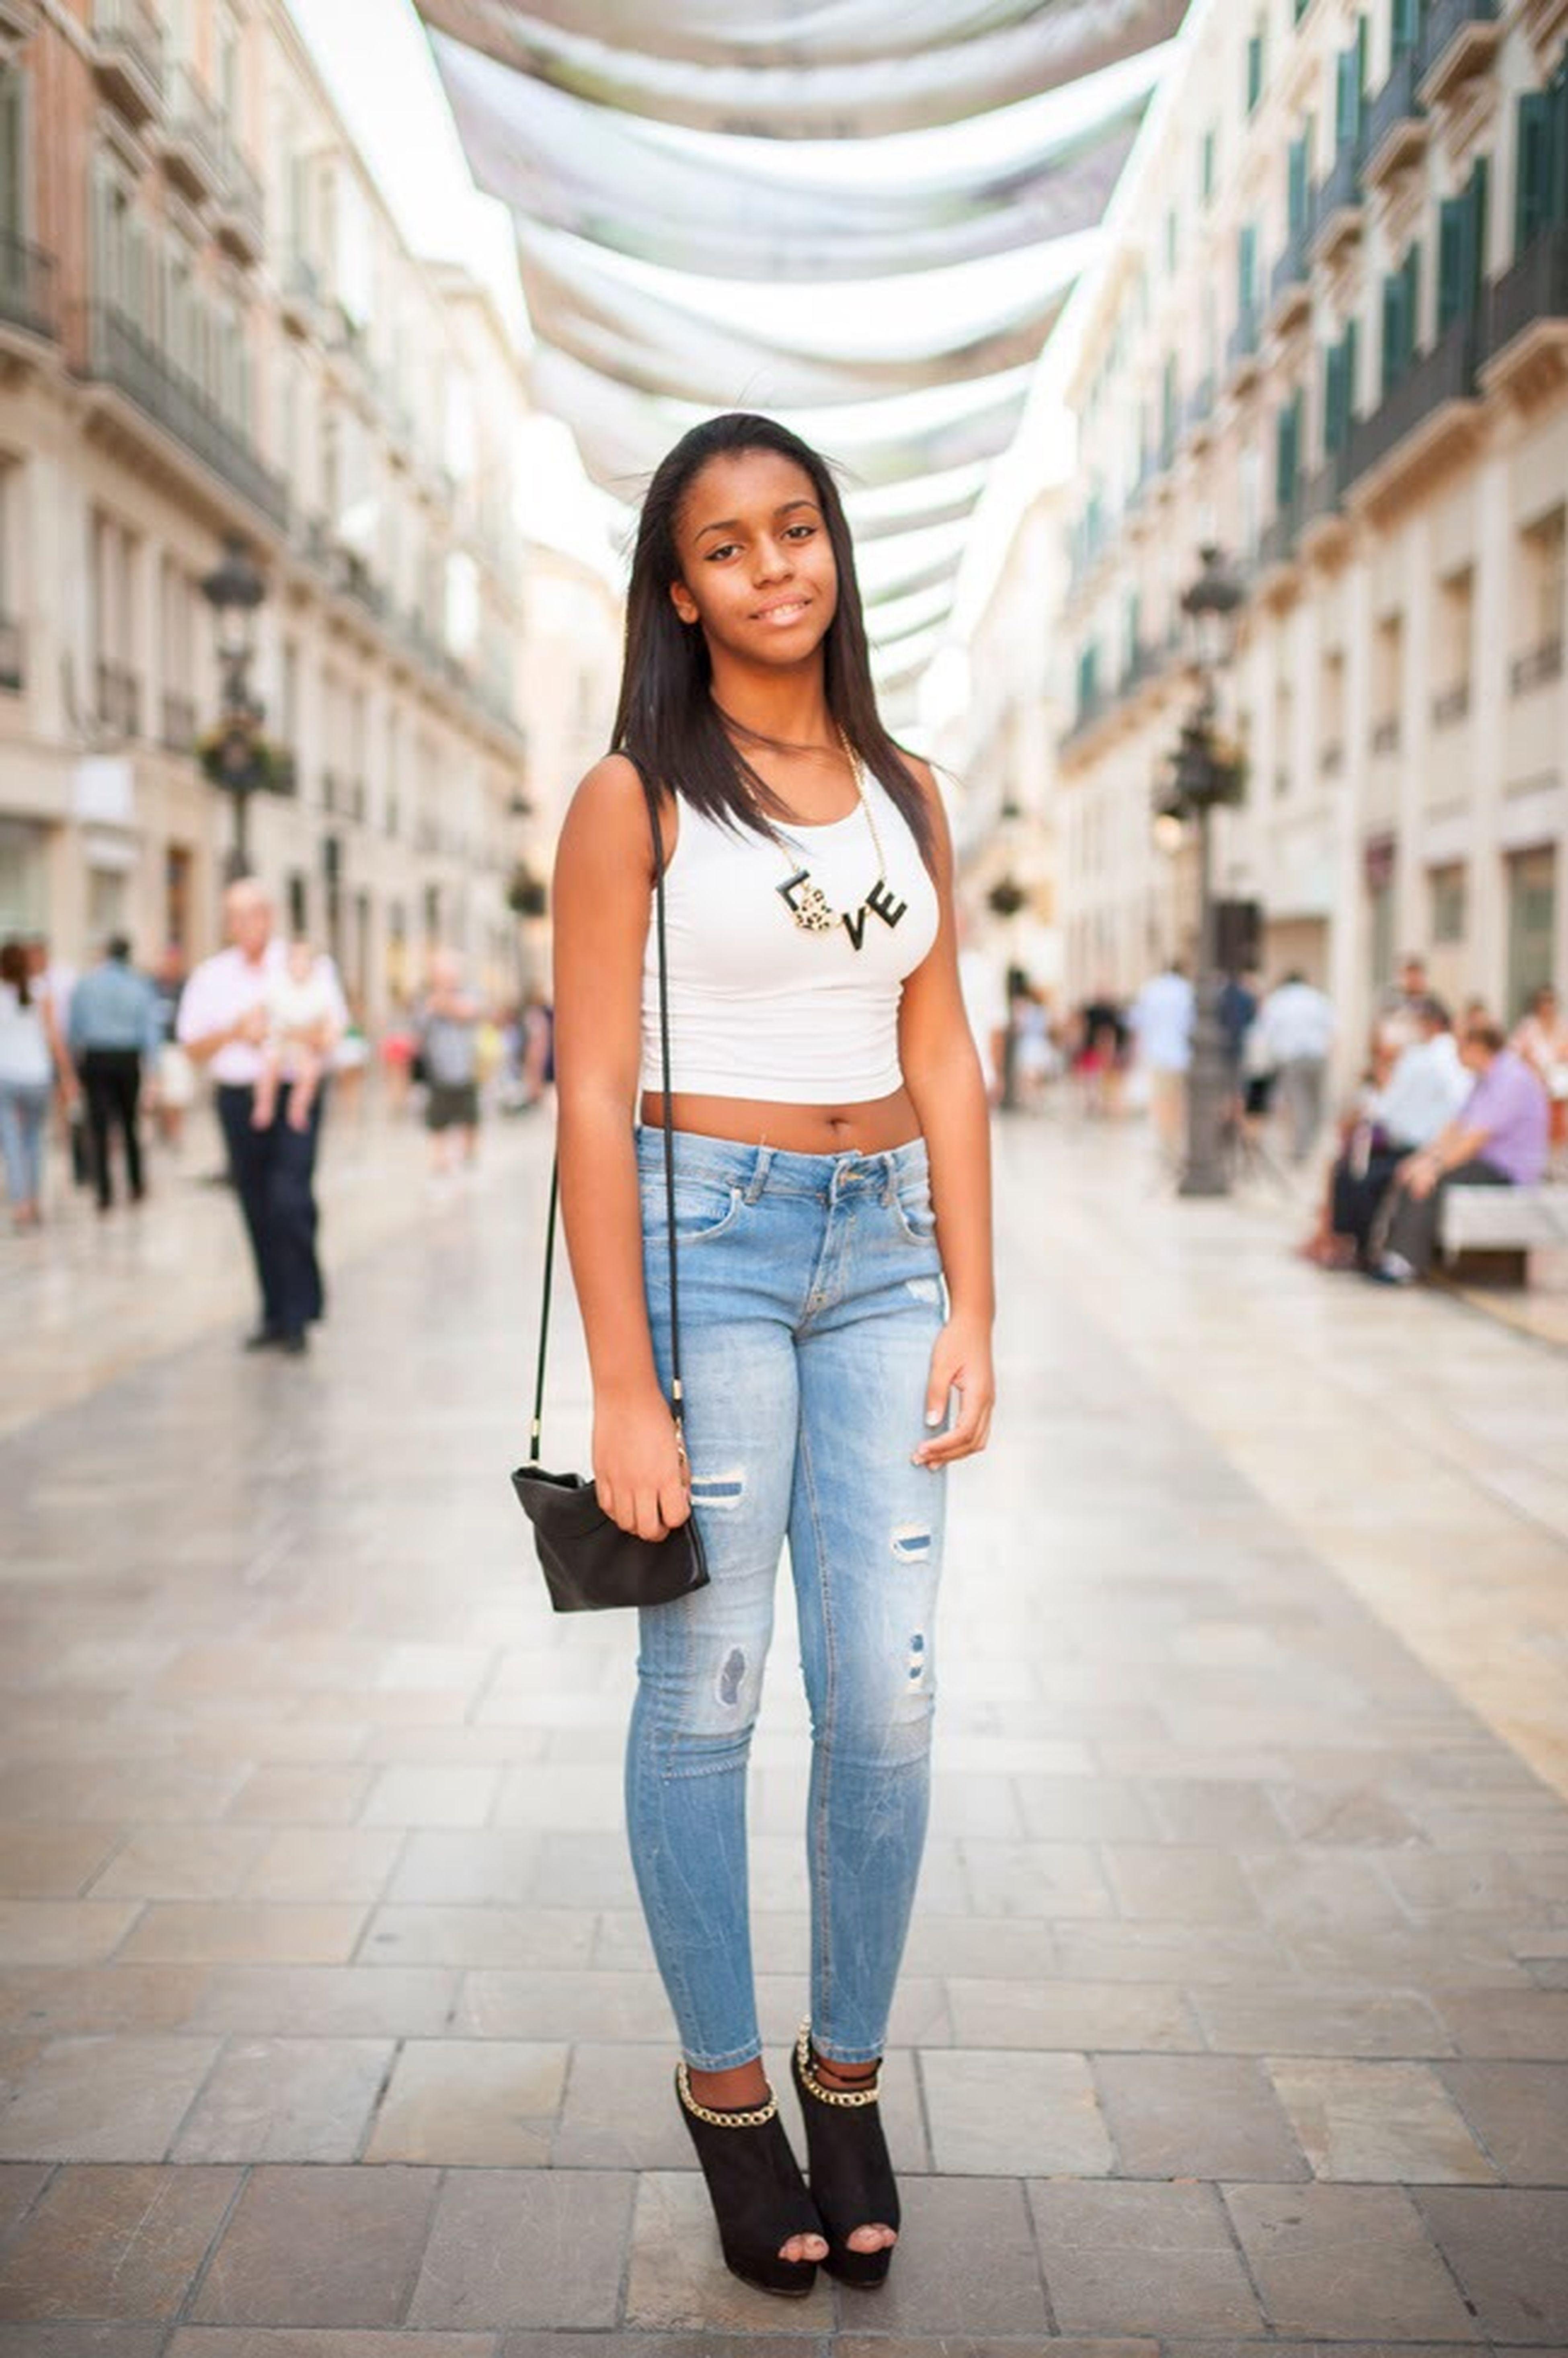 """Me llamo Tania y nací aquí en Málaga. Trabajo como modelo para la agencia y escuela de modelos Manuel Beltran, mi sueño es llegar a ser una """"Top Model"""" aunque el camino es muy duro. Málaga me encanta no me veo en otro sitio. Streetcolour Street Streetphotography Streetportrait"""